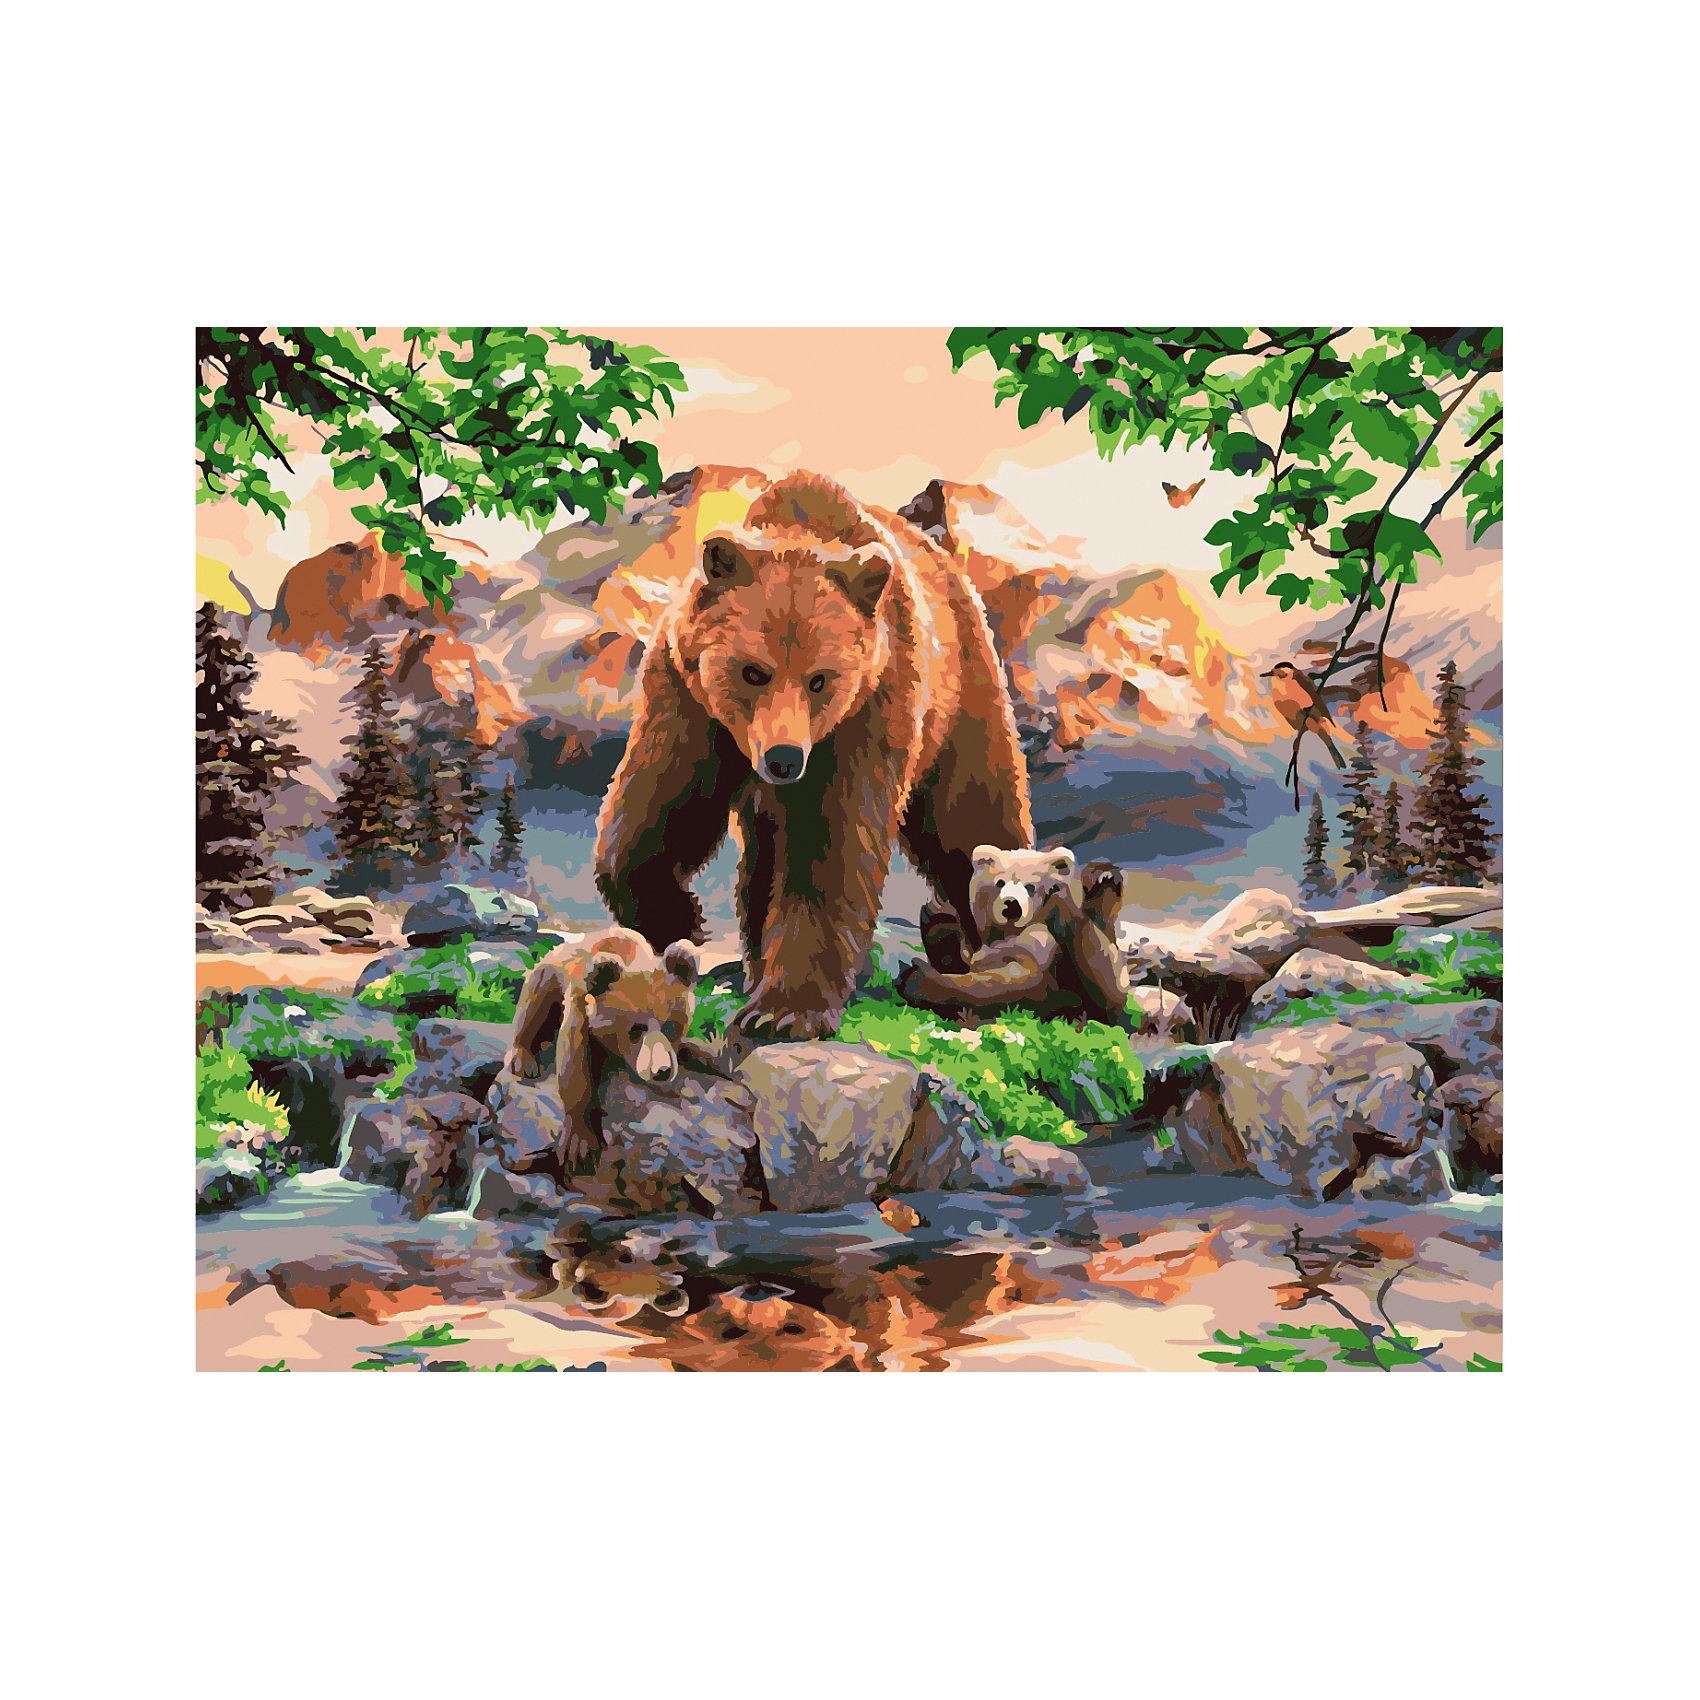 Роспись по номерам Медведица с медвежатами 40*50 смХарактеристики товара:<br><br>- цвет: разноцветный;<br>- материал: бумага, акрил;<br>- комплектация: холст на подрамнике, кисти, краски, контрольный рисунок, инструкция;<br>- размер картины: 40х50 см;<br>- размер упаковки: 42х52х3 см.<br><br>Этот набор для рисования станет отличным подарком и для ребенка, и для взрослого. Он помогает развить художественные навыки, поверить в свои силы, а в итоге работы получается произведение искусства, которое может украсить интерьер!<br>Основа комплекта - это полотно на подрамнике размером 40 на 50 сантиметров, на которое нанесены контуры рисунка, а участки пронумерованы. Каждому номеру соответствует баночка с краской определенного оттенка. Для удобного нанесения акриловых красок на водной основе в наборе есть три разные кисти, с их помощью даже мелкие детали можно аккуратно и красиво прорисовать. Чтобы контролировать процесс, можно сверяться с контрольным рисунком, на котором изображена готовая картина.<br>Роспись по такой схеме помогает развивать зрительную память, концентрацию внимания, мелкую моторику и цветовосприятие.<br><br>Роспись по номерам Медведица с медвежатами 40*50 см можно купить в нашем интернет-магазине.<br><br>Ширина мм: 420<br>Глубина мм: 520<br>Высота мм: 50<br>Вес г: 900<br>Возраст от месяцев: 36<br>Возраст до месяцев: 2147483647<br>Пол: Унисекс<br>Возраст: Детский<br>SKU: 5117478